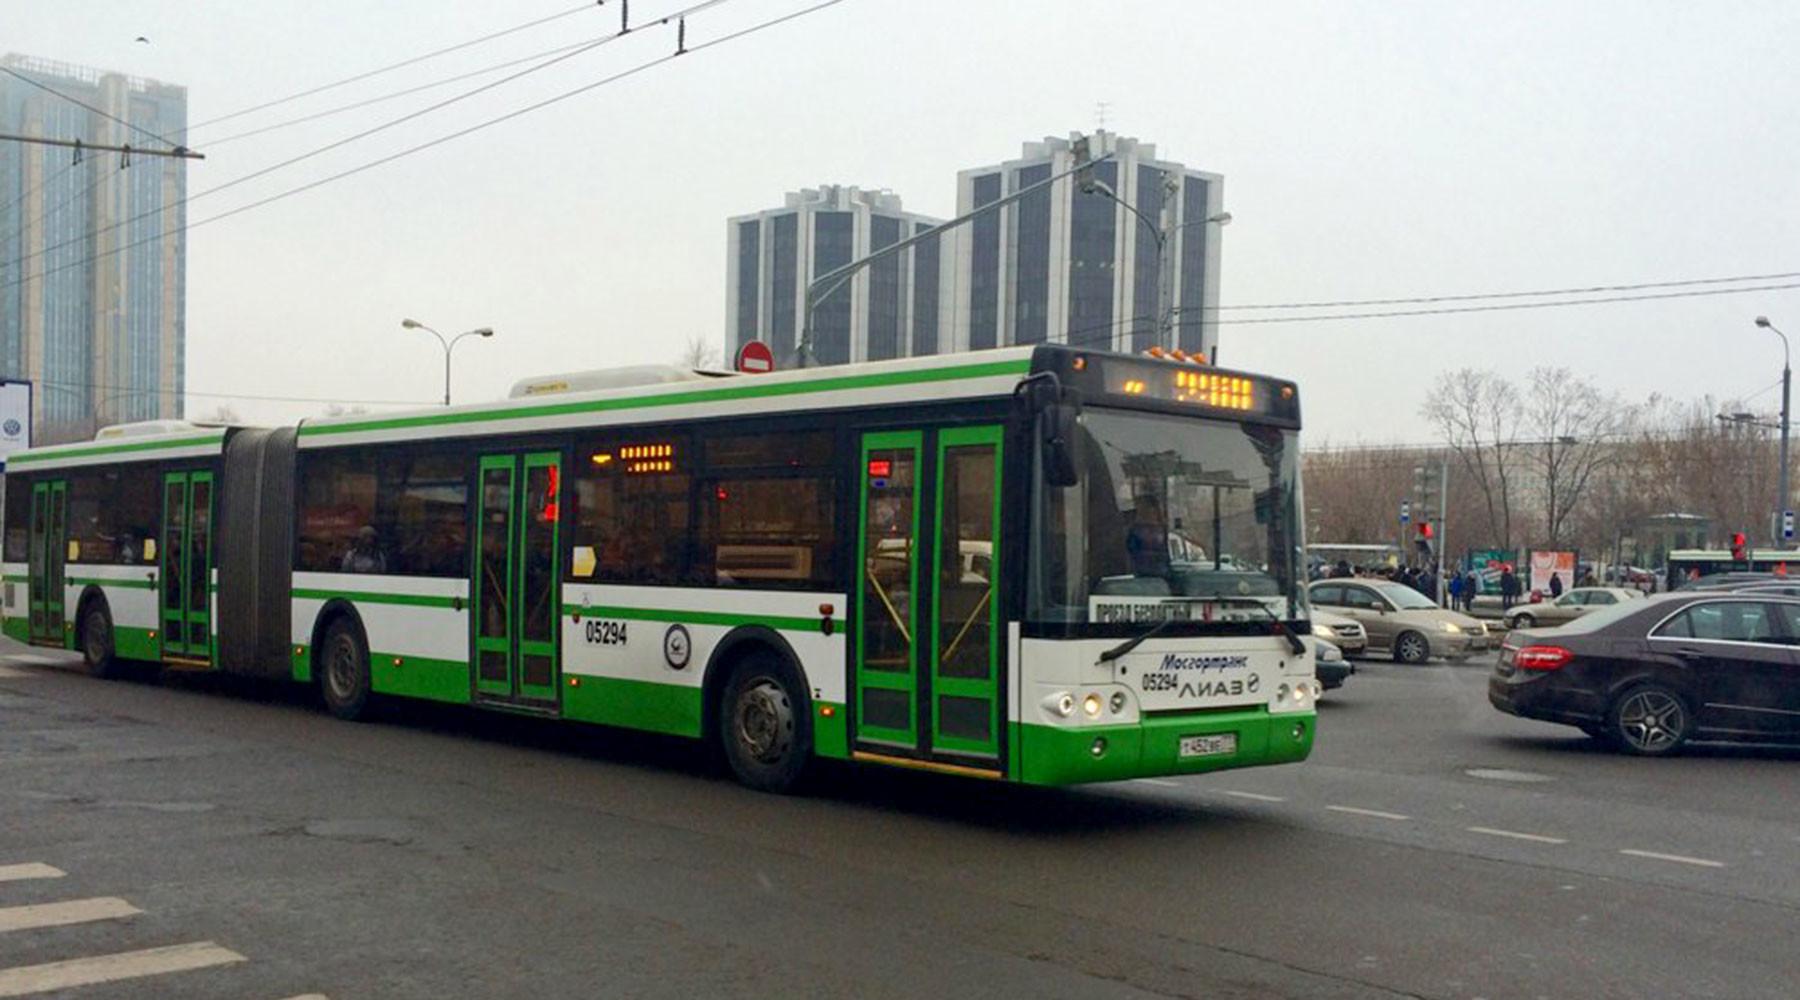 Властям наместах могут запретить без согласия граждан отменять маршруты социального транспорта